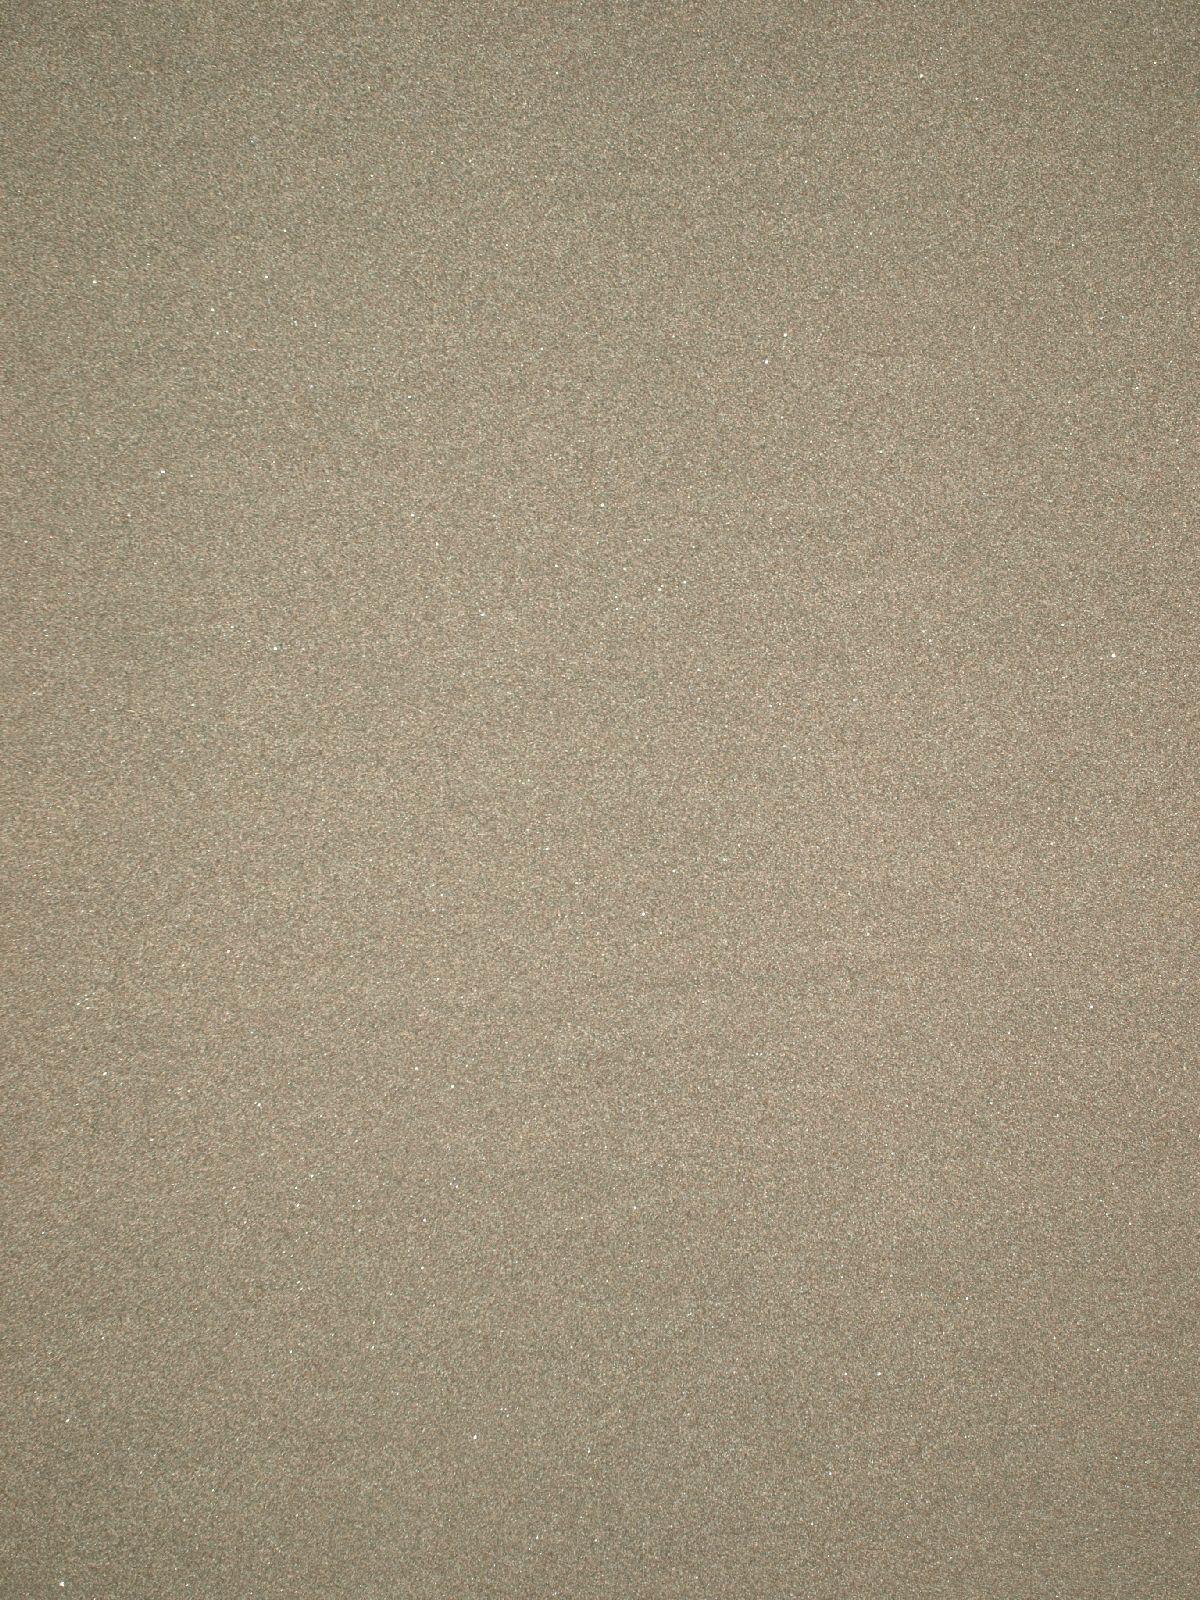 Boden-Erde-Steine_Textur_A_P5254967